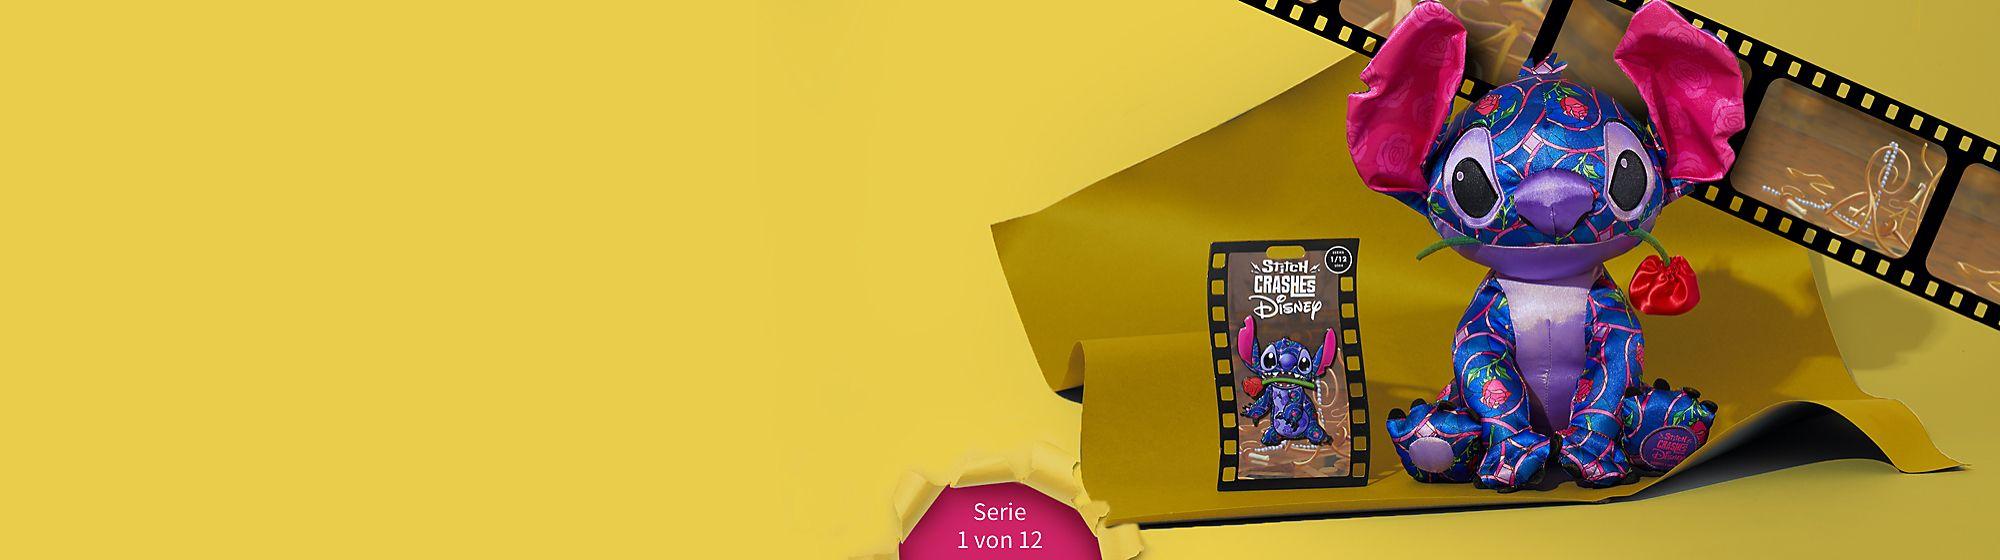 Versteck die Teller! Stitch ist (uneingeladen) zu Gast! In der ersten Auflage einer limitierten Edition aus 12 Anstecknadeln und Kuschelpuppen schleicht sich Stitch in den klassischen Disney Film Die Schöne und das Biest. Erhältlich ab dem 18. Januar